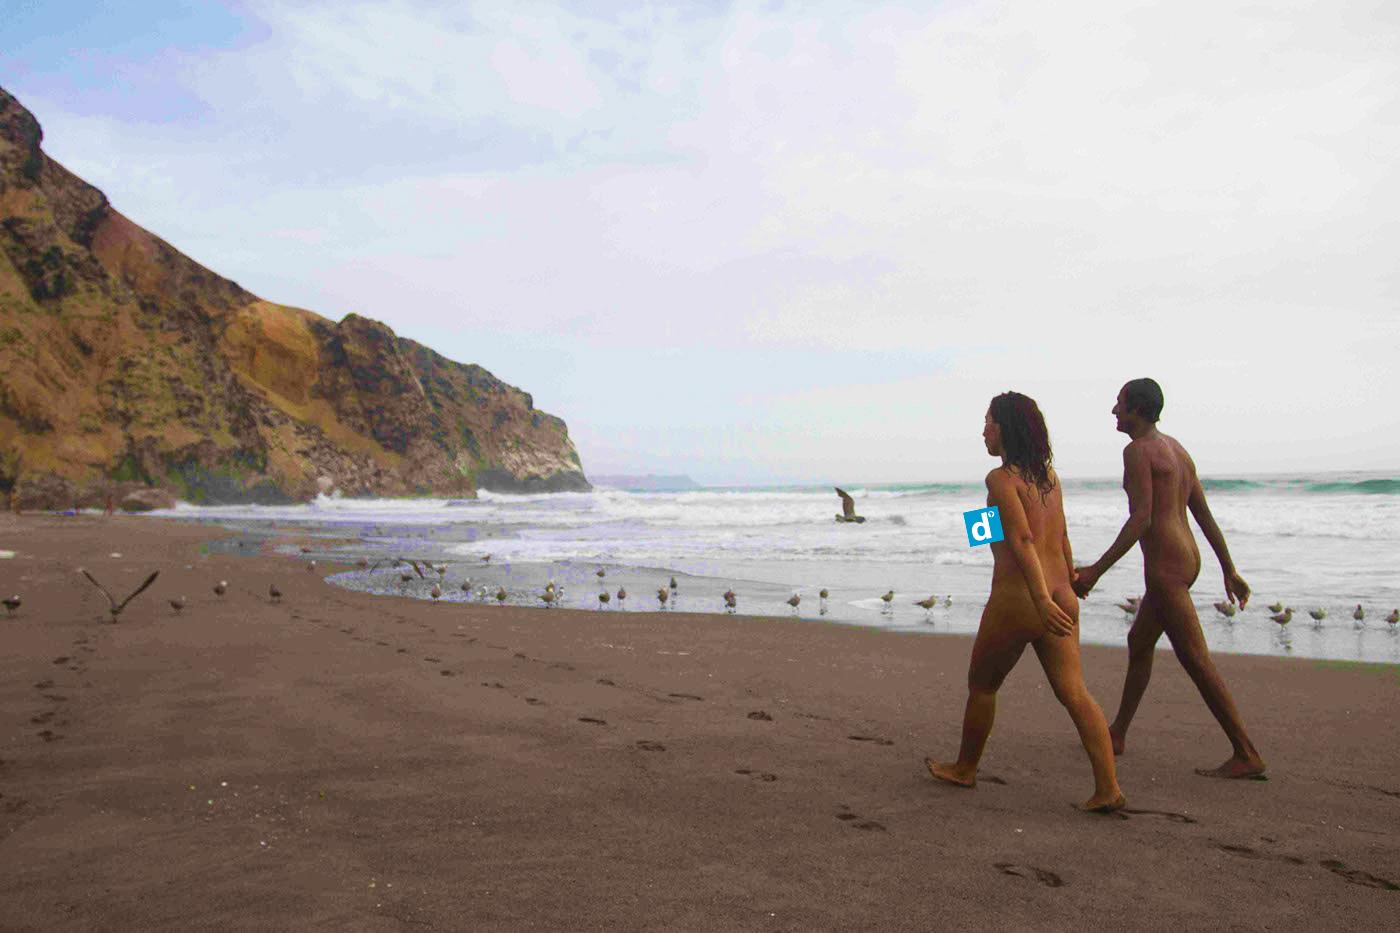 Pareja de nudistas caminando por la orilla del mar